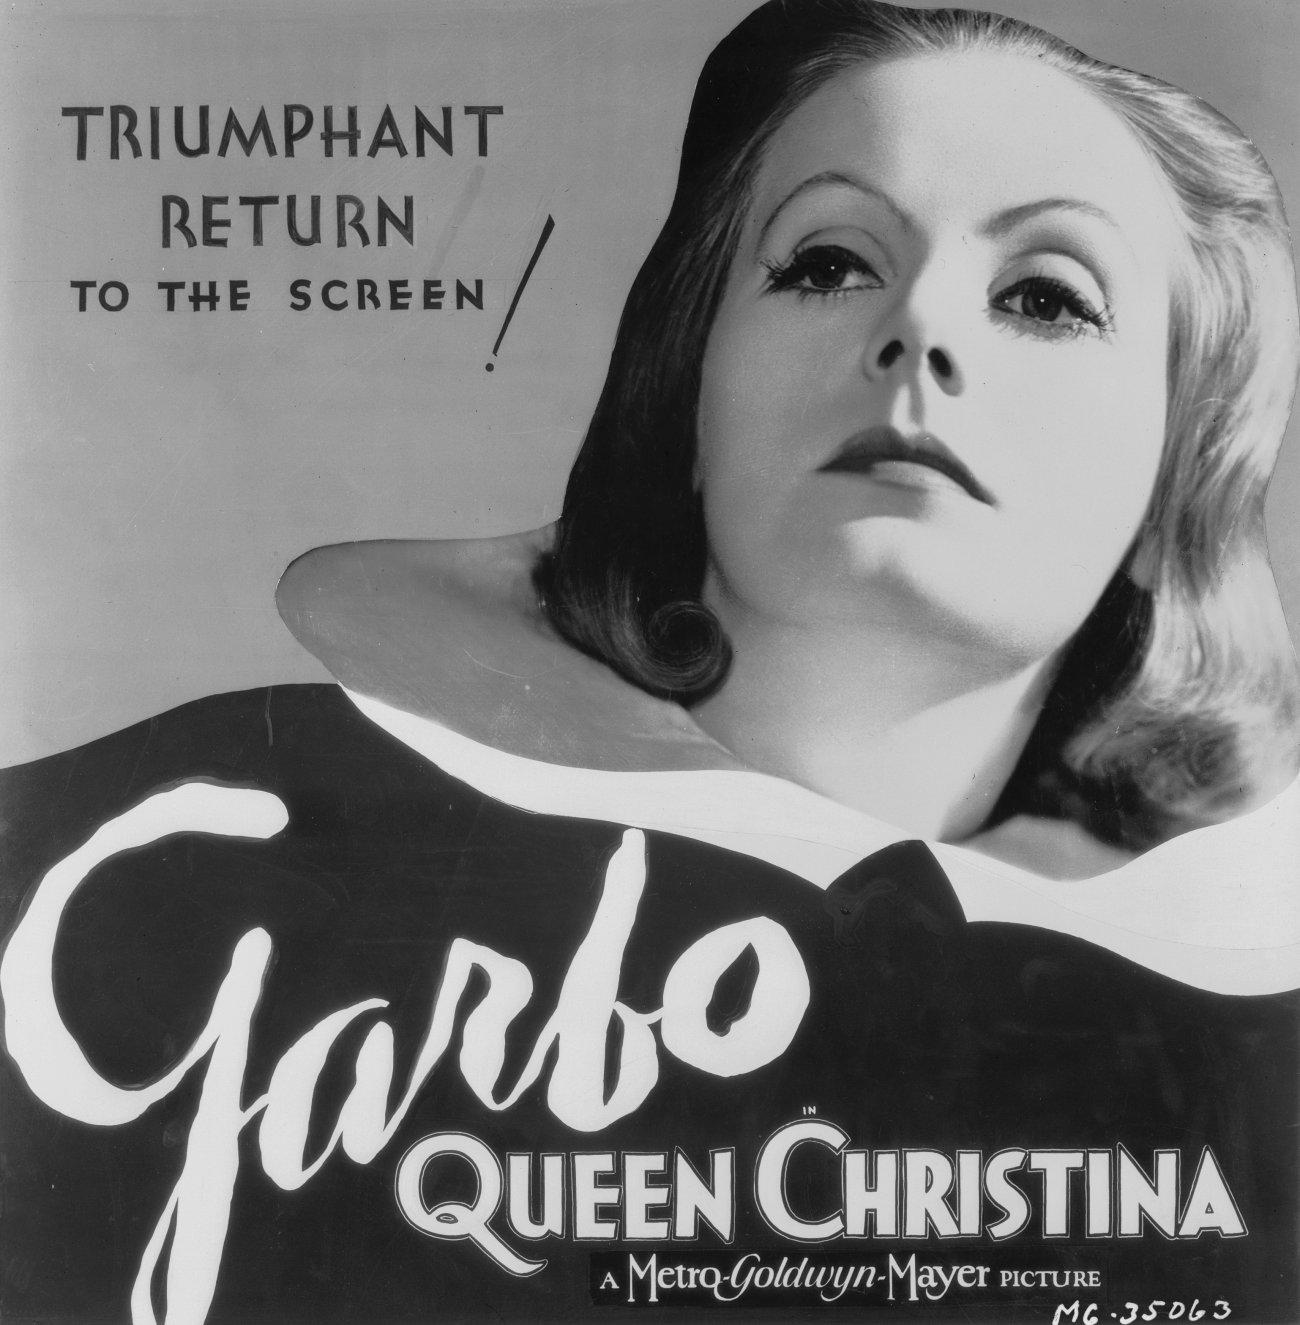 Nunca cuentes tus alegrías y tristezas. Abaratas tu interior cuando las cuentas. Greta Garbo.